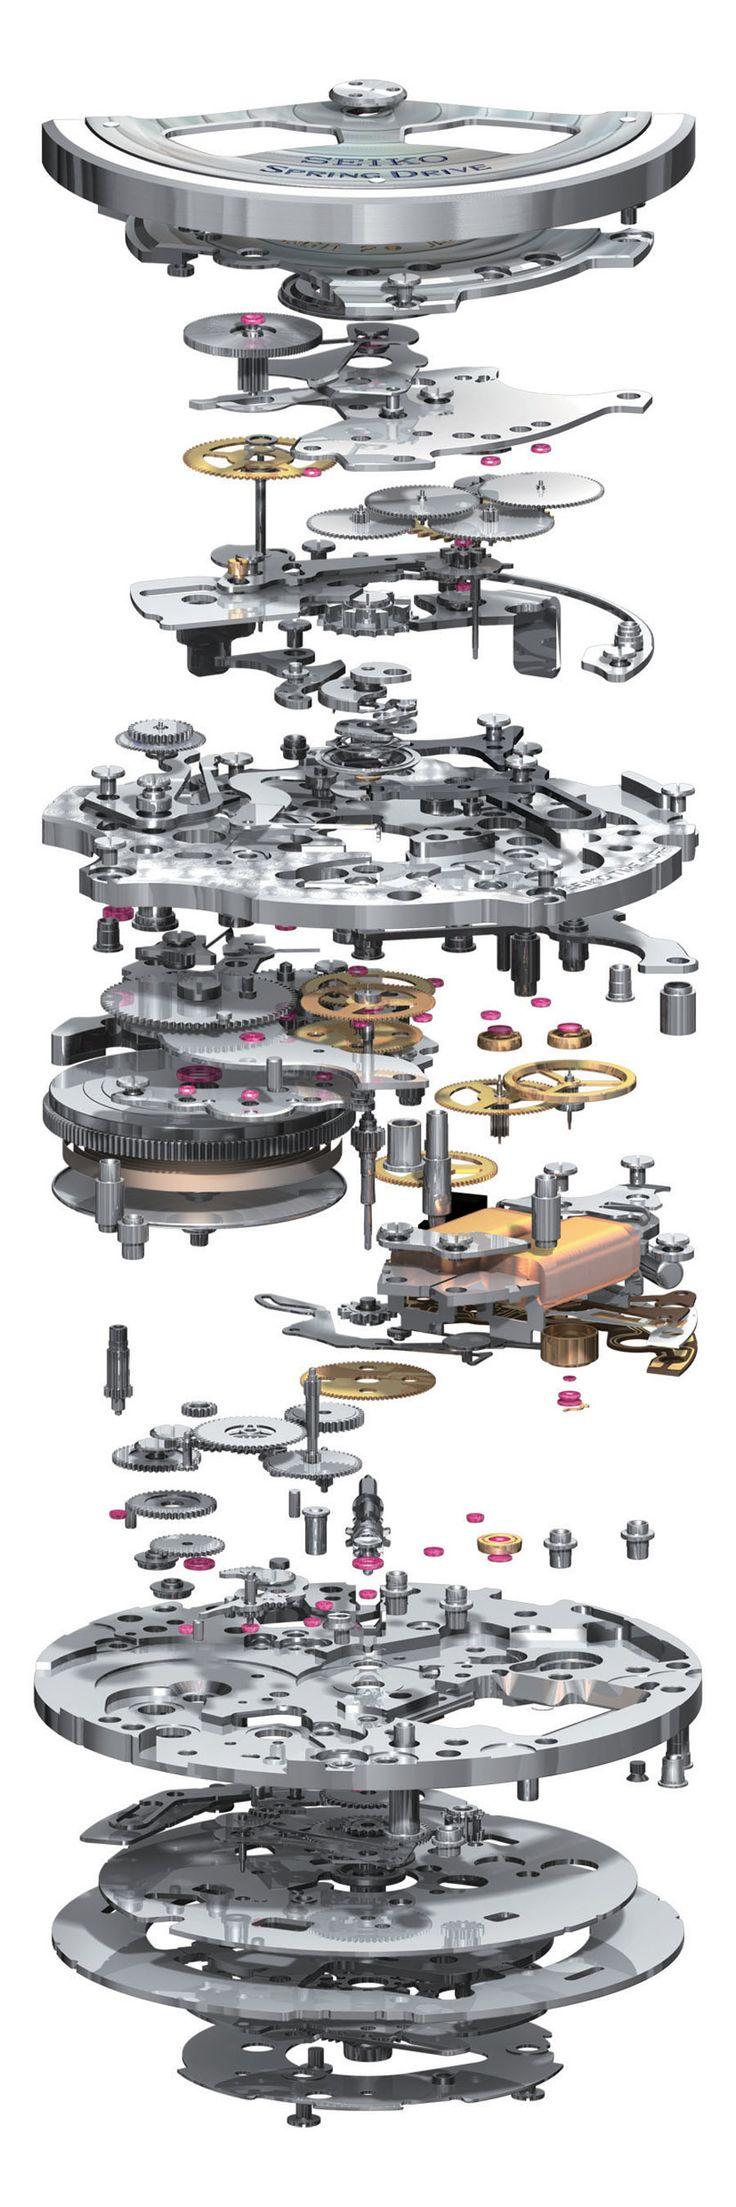 Spring Drive ist eine traditionelle mechanische Uhr bei der das schwierigste und empfindlichste Bauteil, die Ankerhemmung, durch ein neues Regulierungssystem ersetzt wurde.